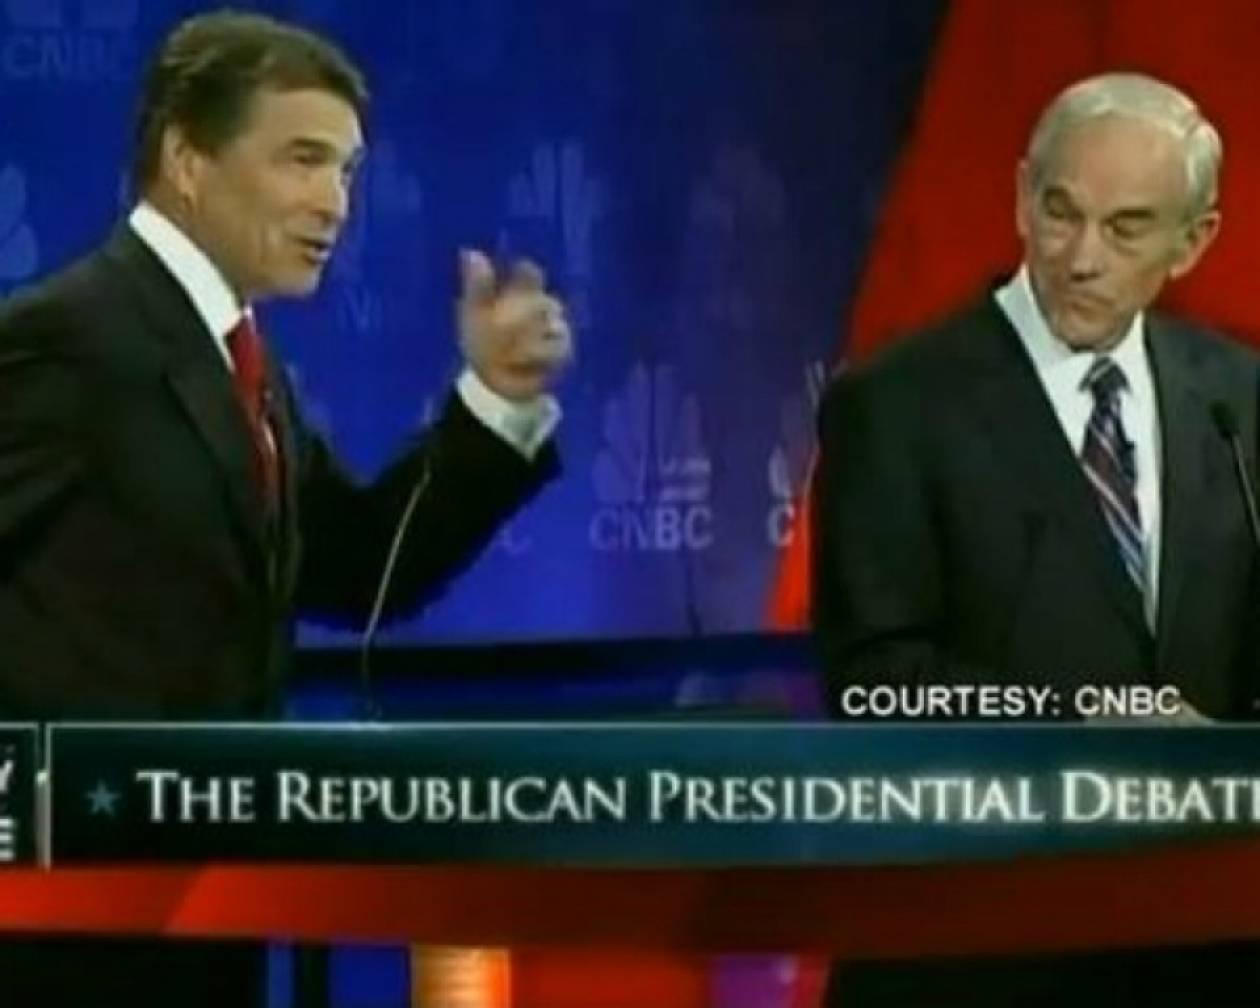 Απίστευτη γκάφα υποψήφιου πρόεδρου των ΗΠΑ!